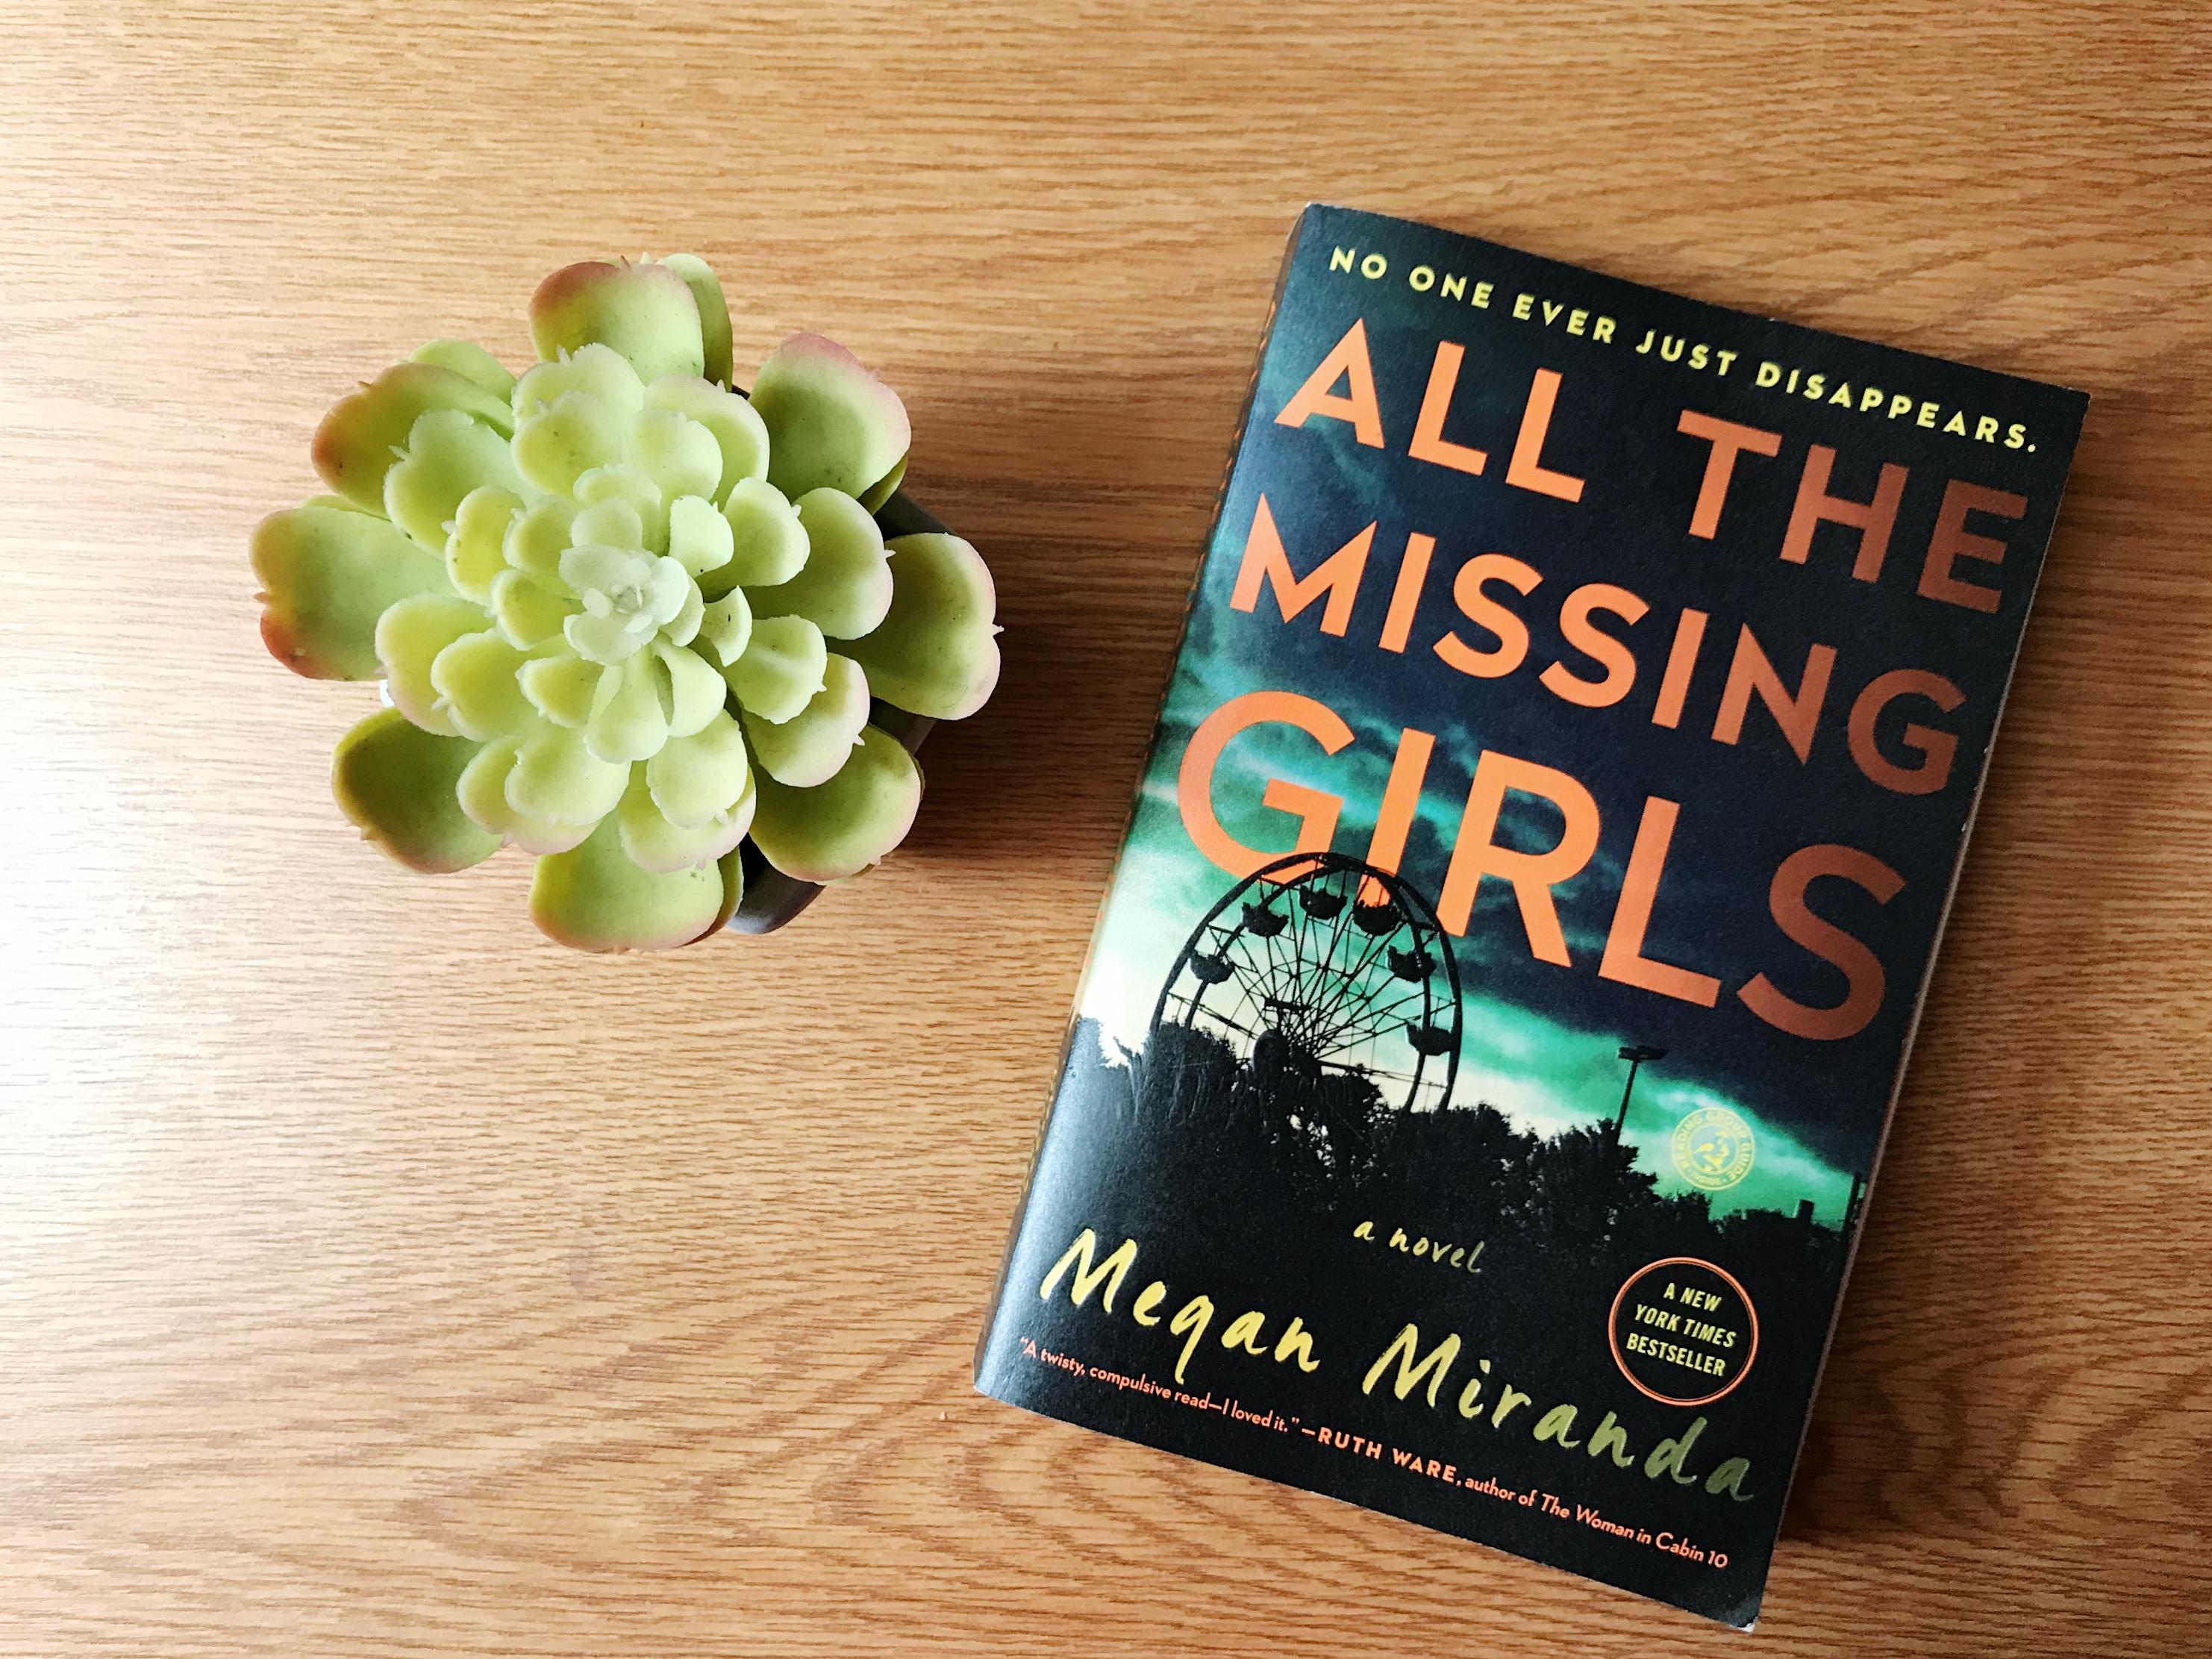 All The Missing Girls Megan Miranda